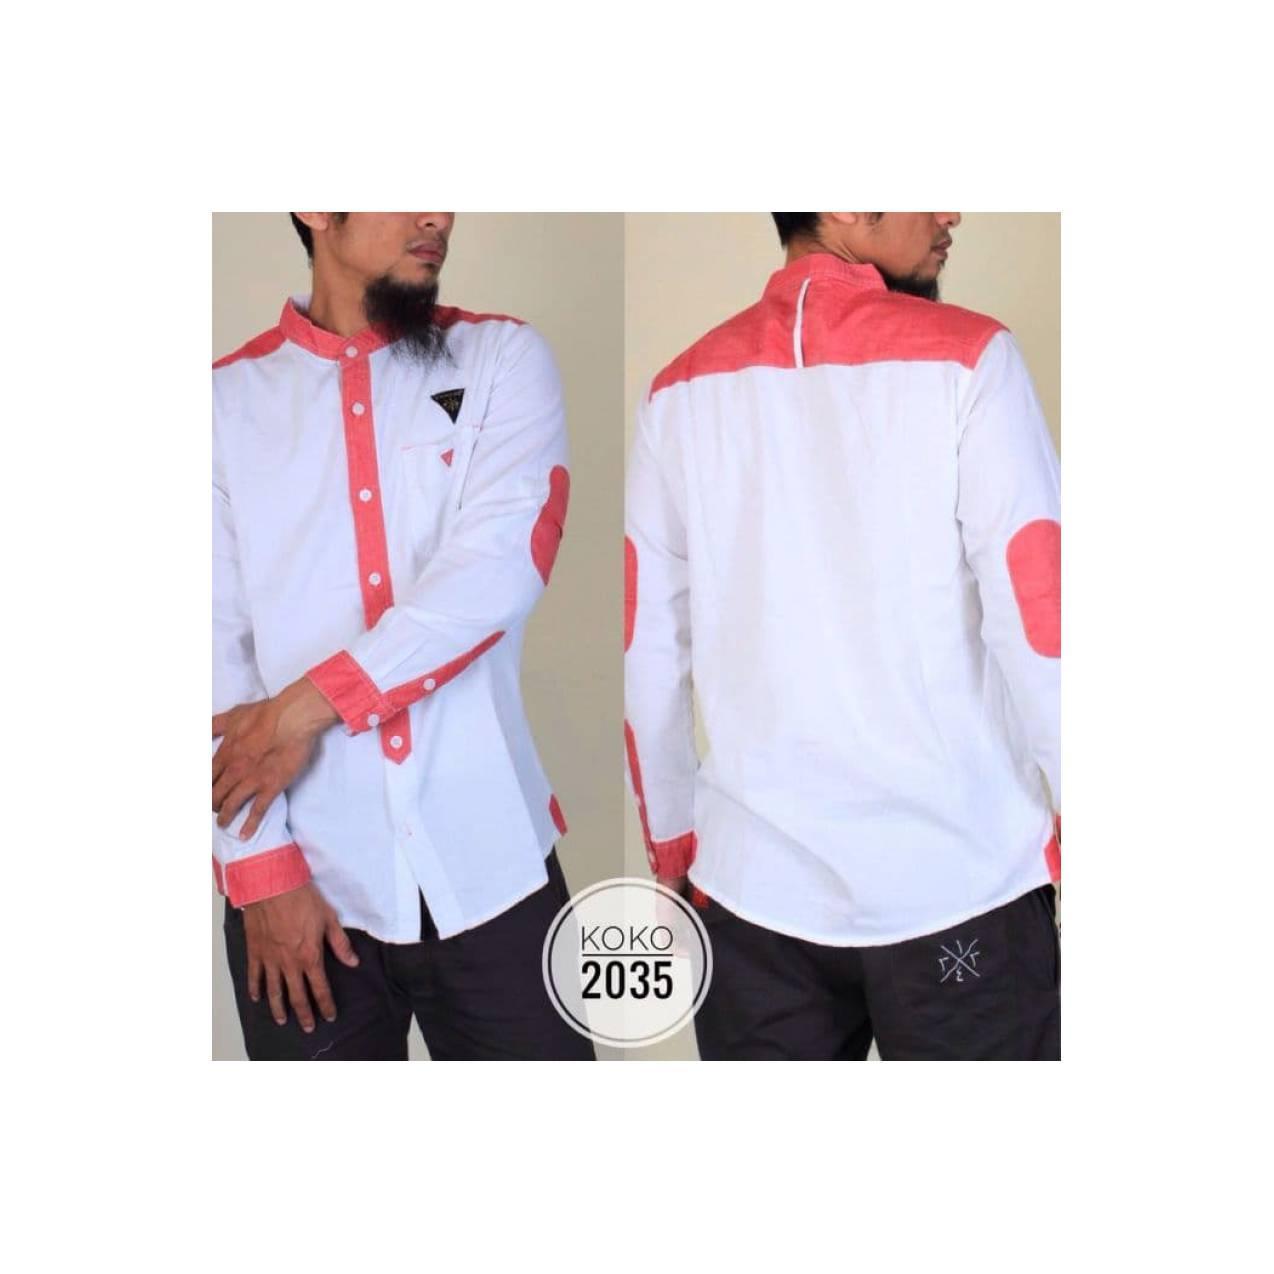 Baju Muslim Pria Model Baju Koko Samase Warna putih pink lengan panjan